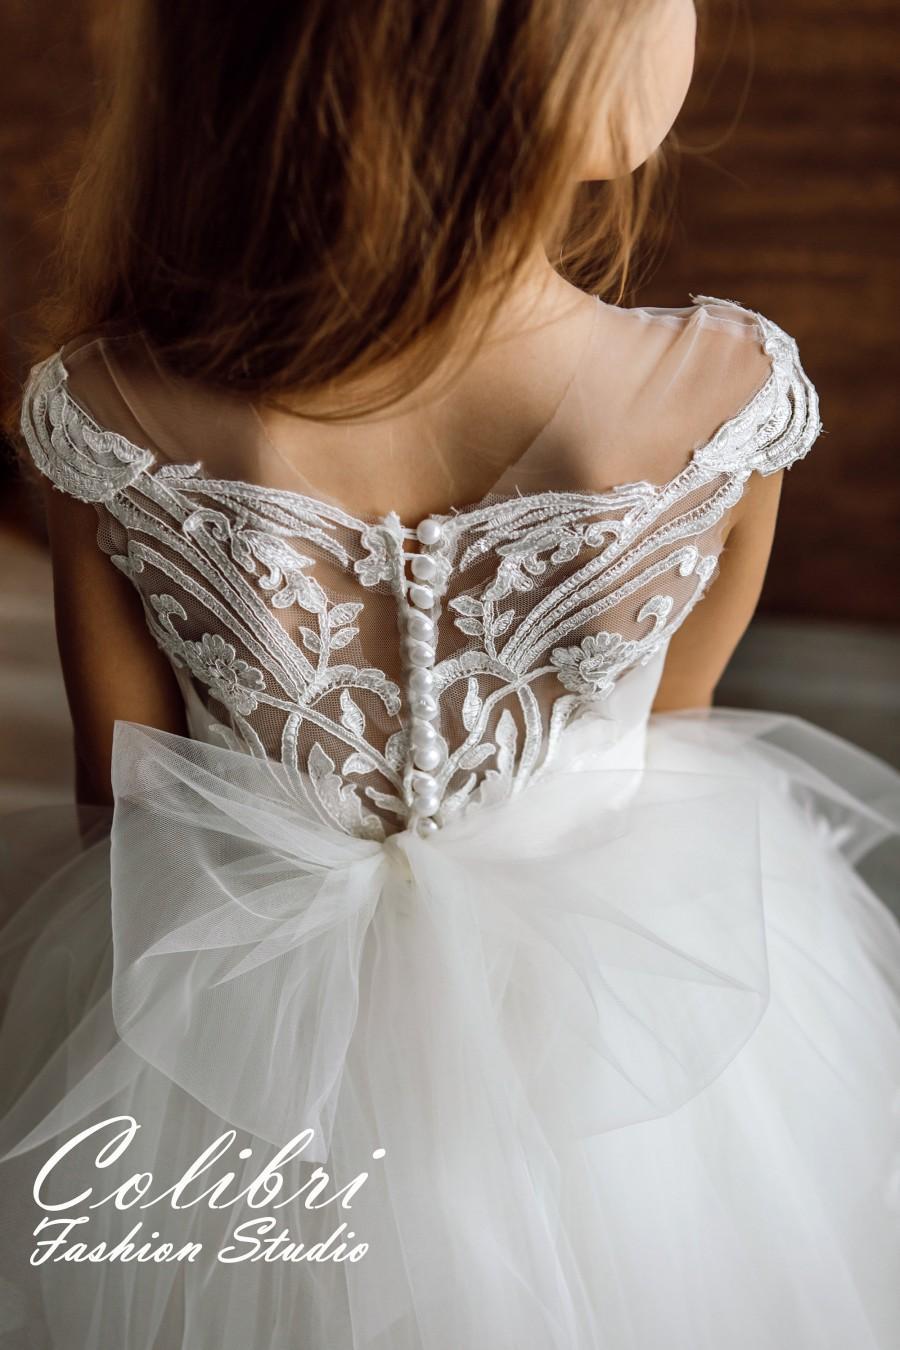 Wedding - Flower girl dress tulle, Flower girl dress, Flower girl dress ivory, First communion dress, Lace flower girl dress, Tutu flower girl dress